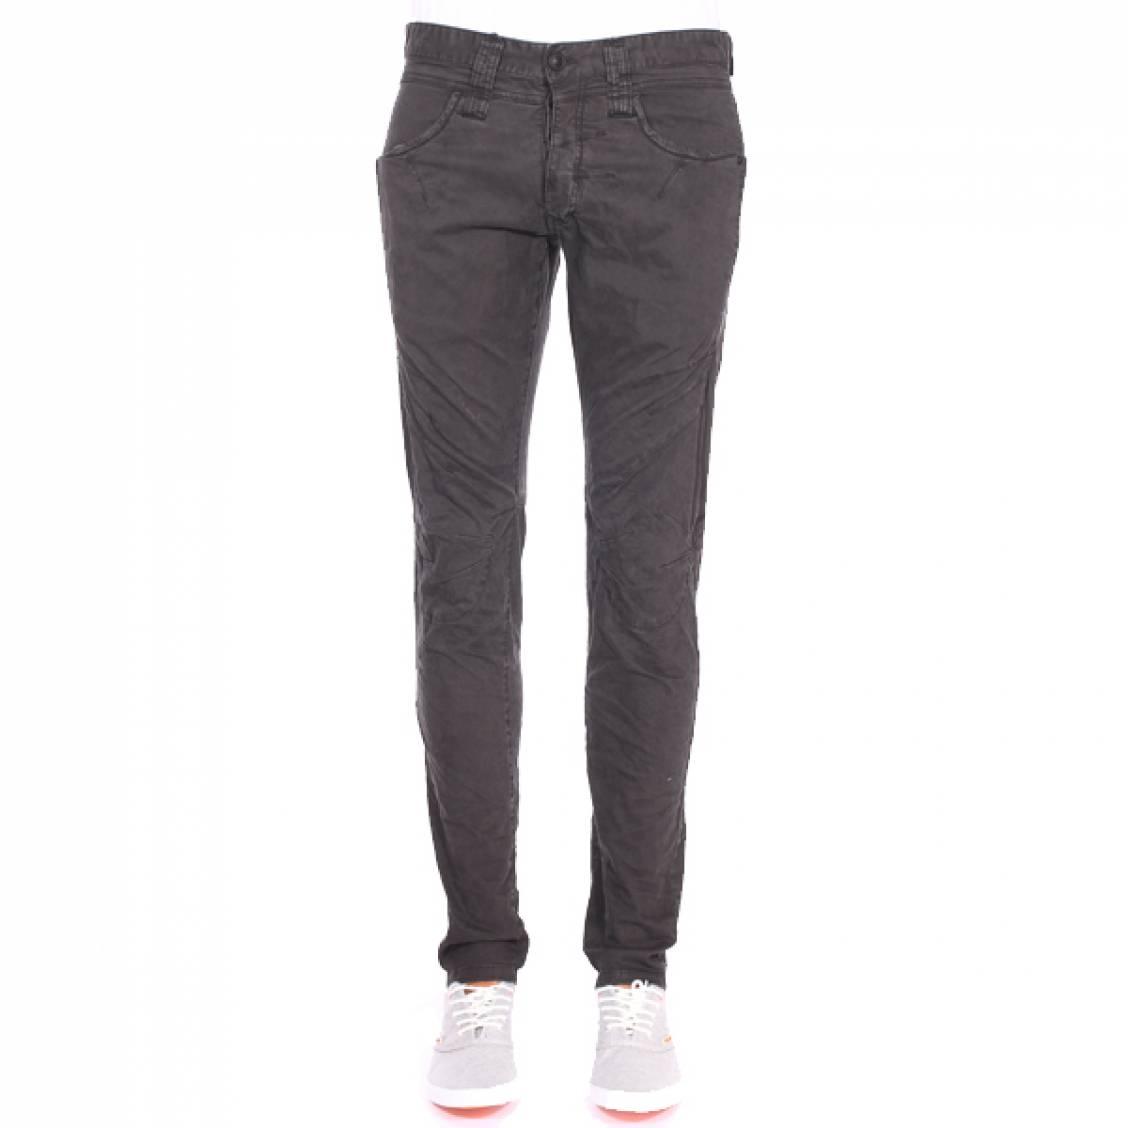 Pantalon slim Deepend gris sombre à effet froissé